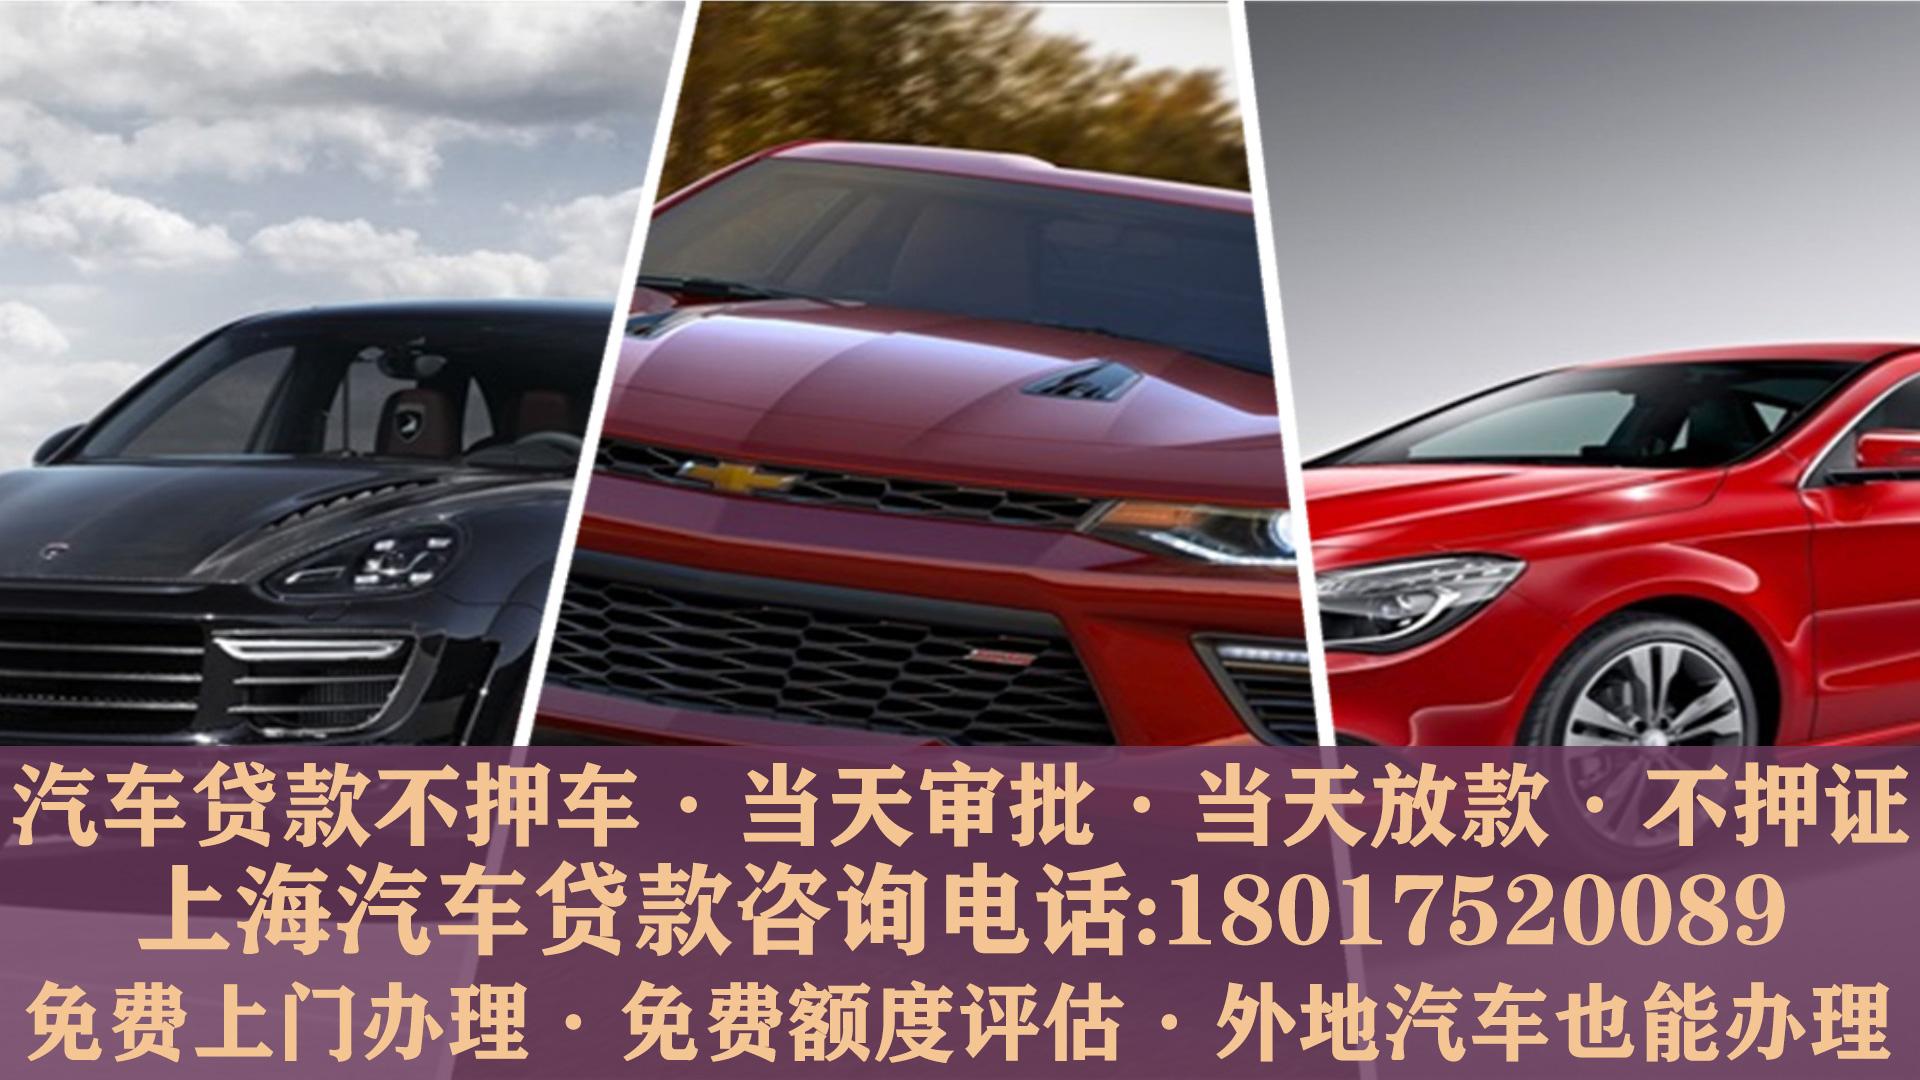 上海汽车贷款办理